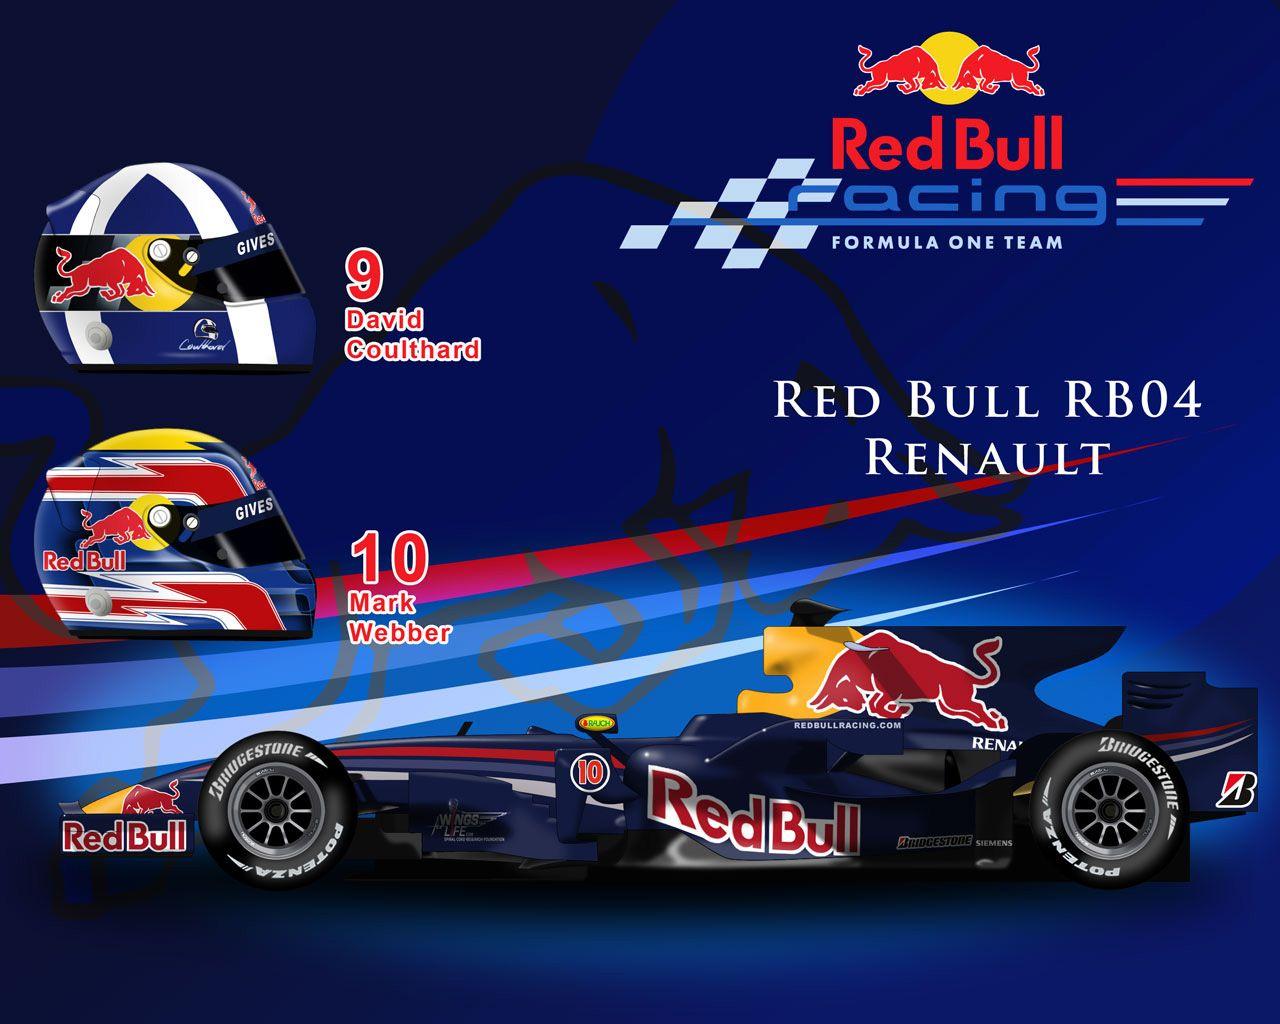 Red Bull F1 Red Bull Red Bull F1 Bulls Wallpaper